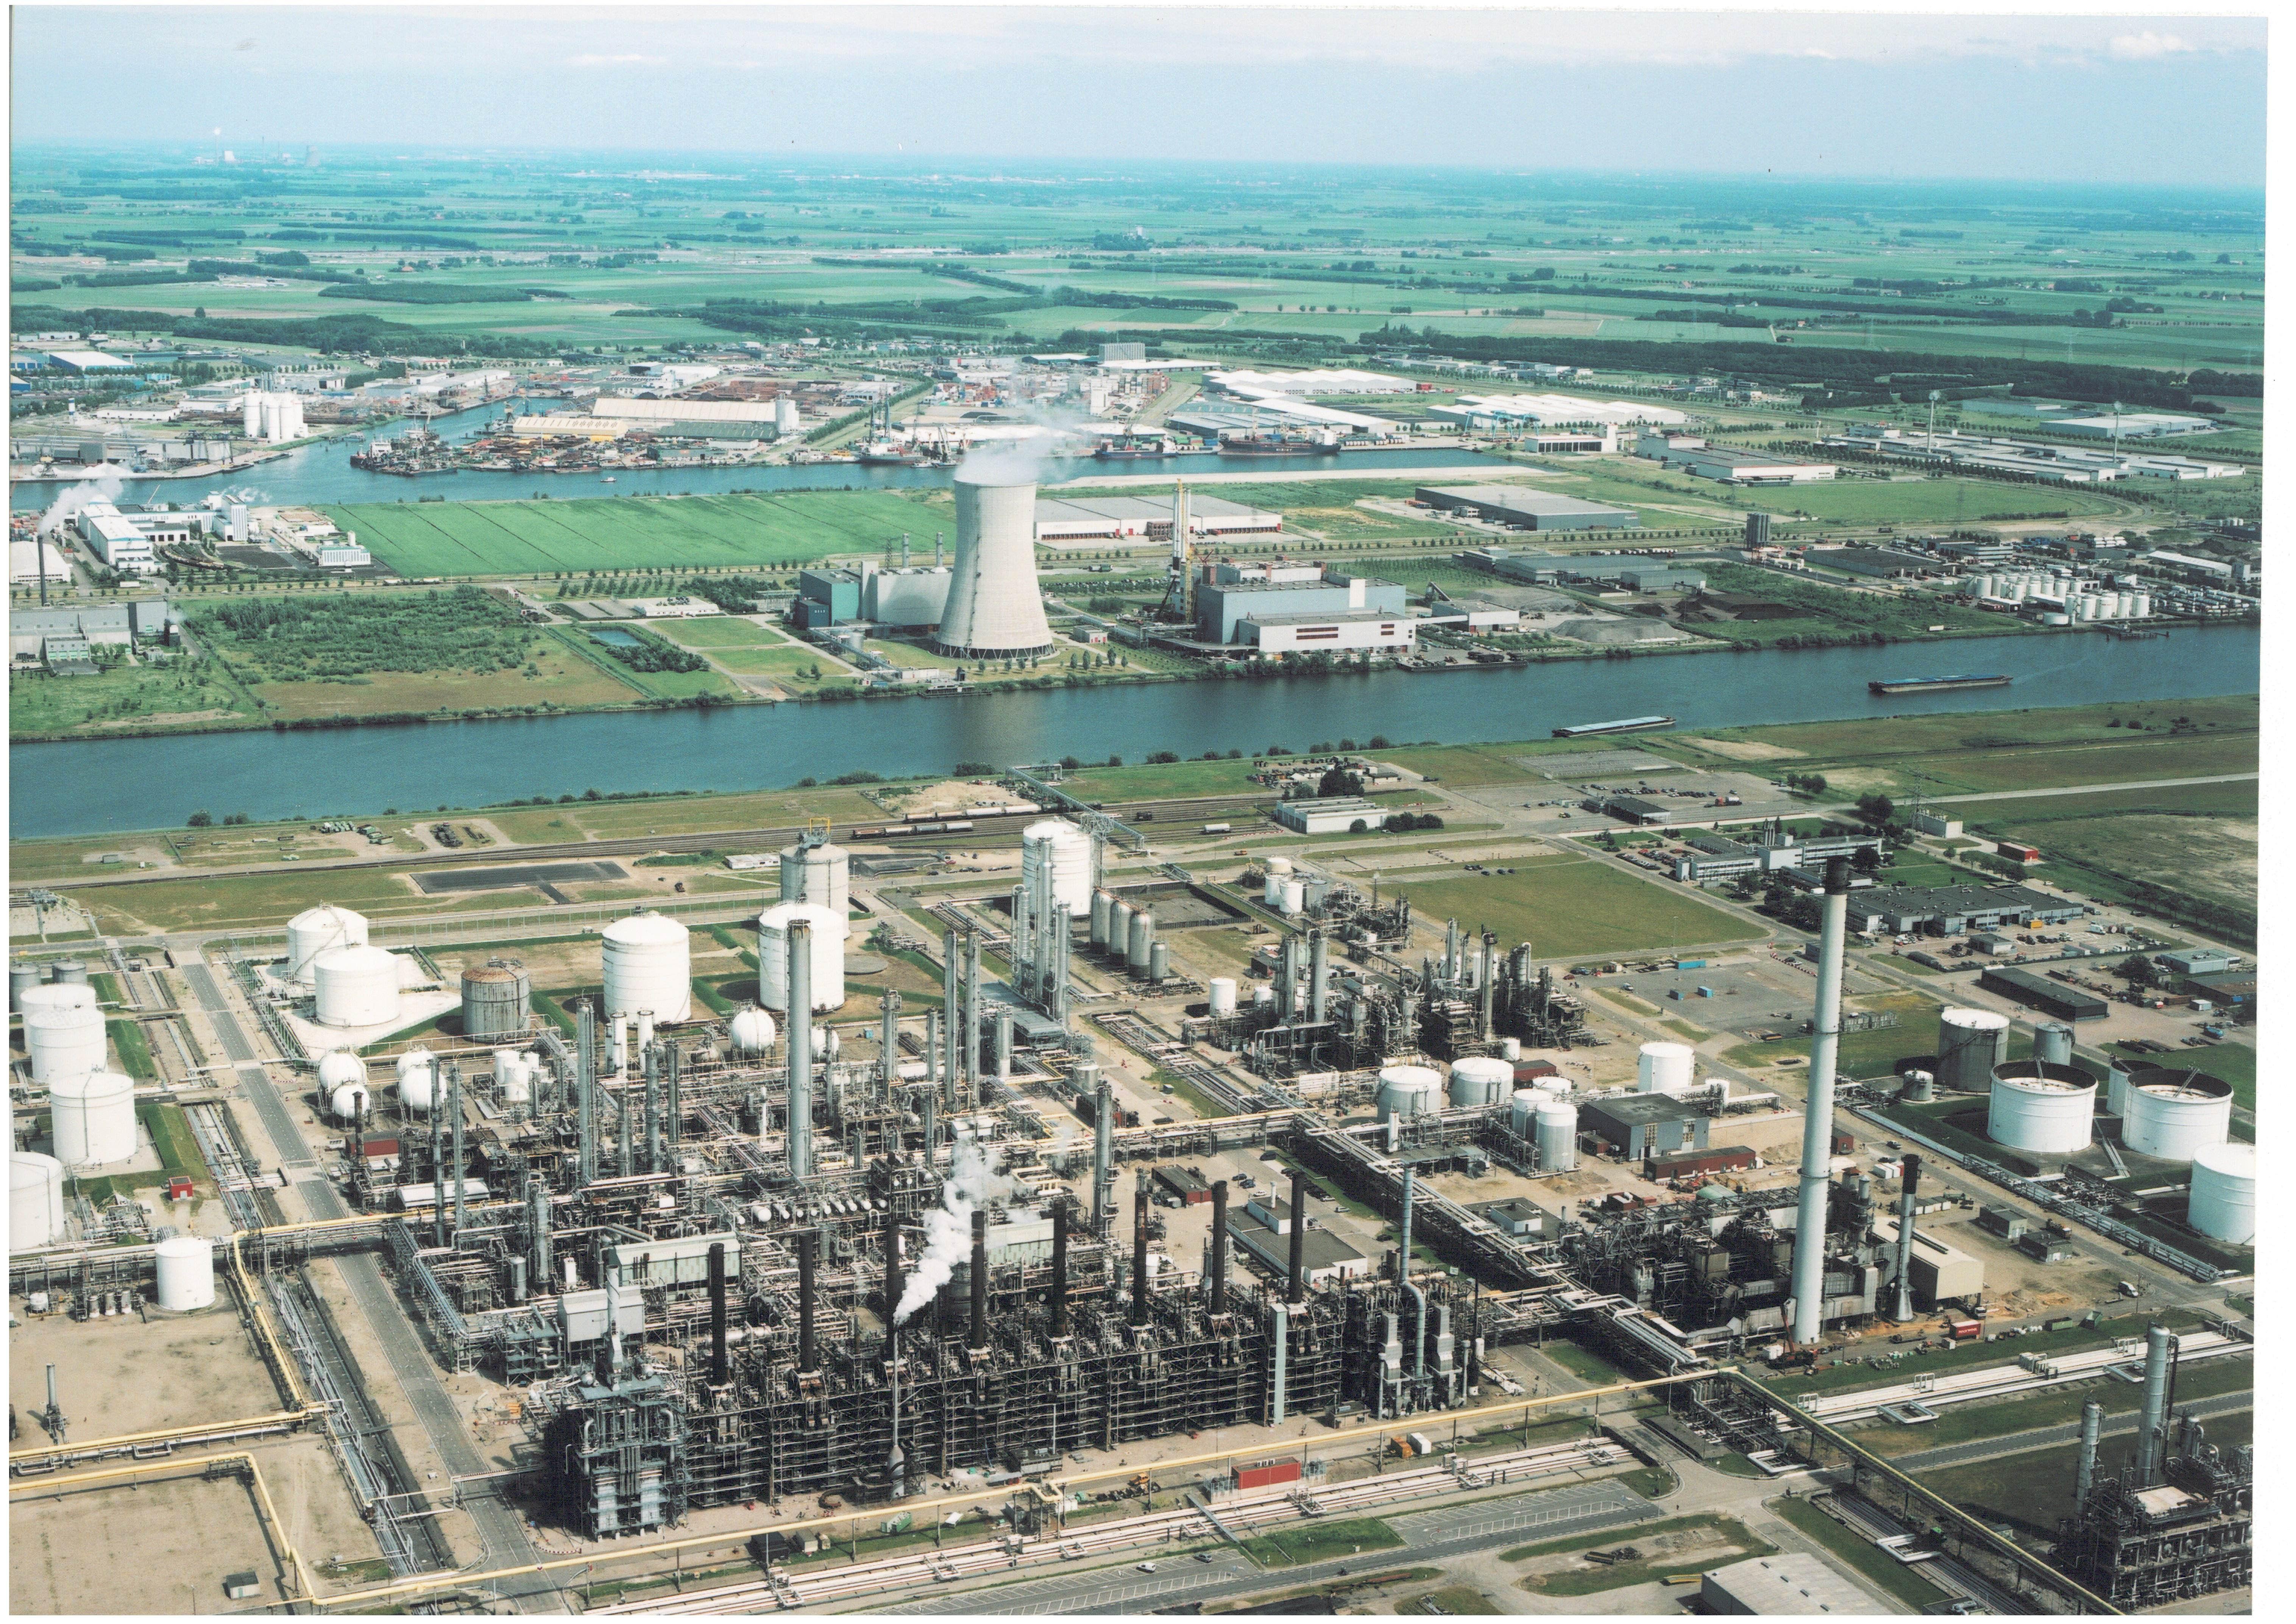 Nieuwsblad Transport > 'Chemiebedrijven juist bij elkaar ...